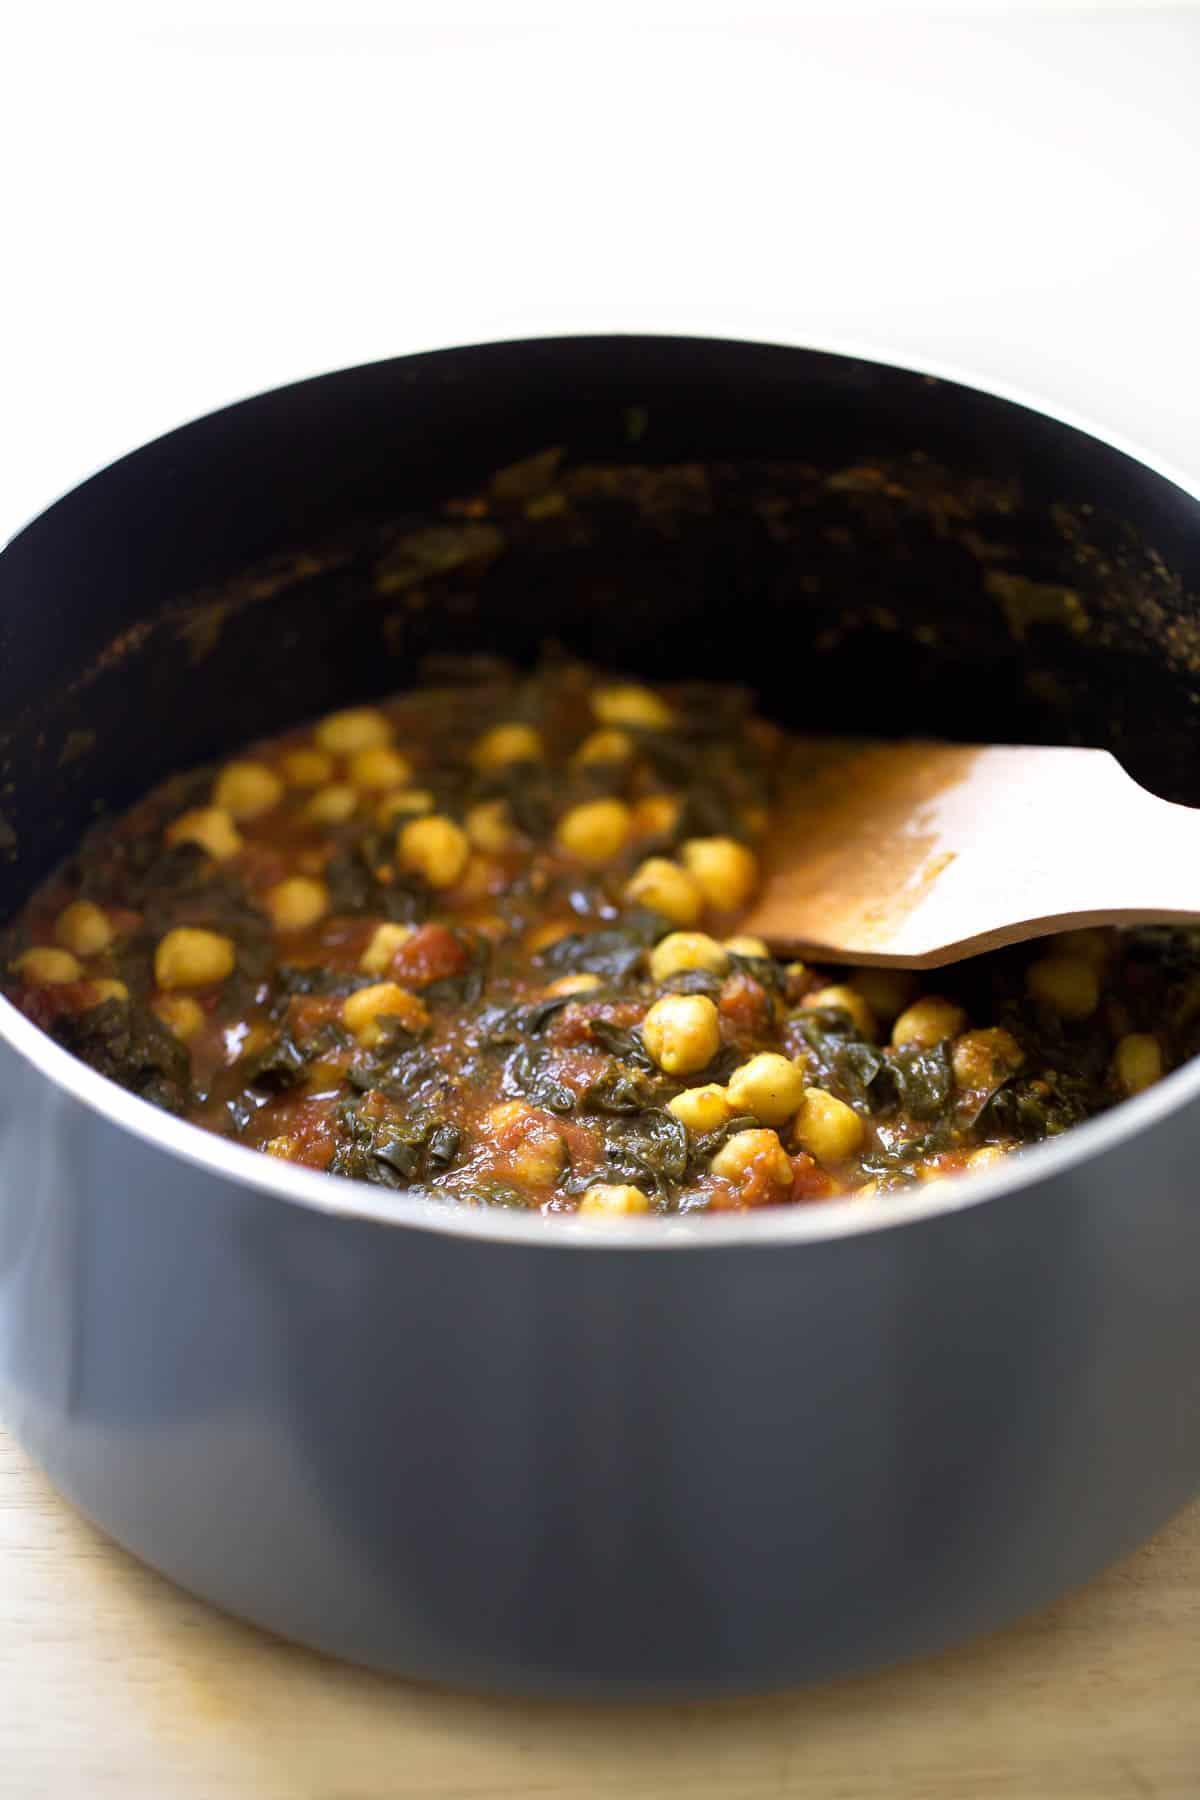 Chole Palak (Espinacas con Garbanzos).- El chole palak es una versión india de las espinacas con garbanzos, aunque es un plato picante y más especiado. ¡Merece la pena probarlo!